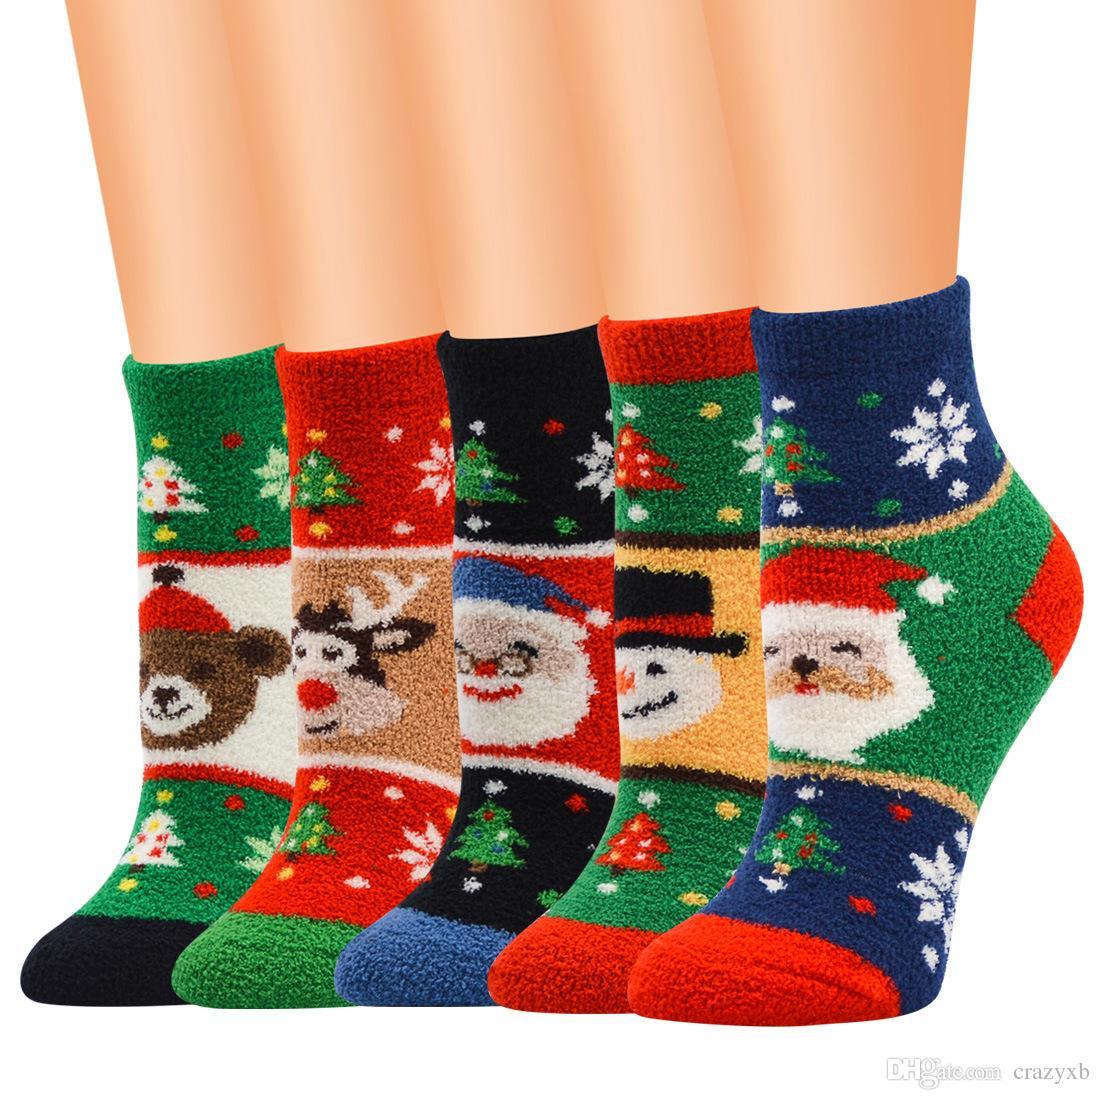 Großhandel Schlussverkauf! Frauen Socken Dame Weihnachtsgeschenk ...